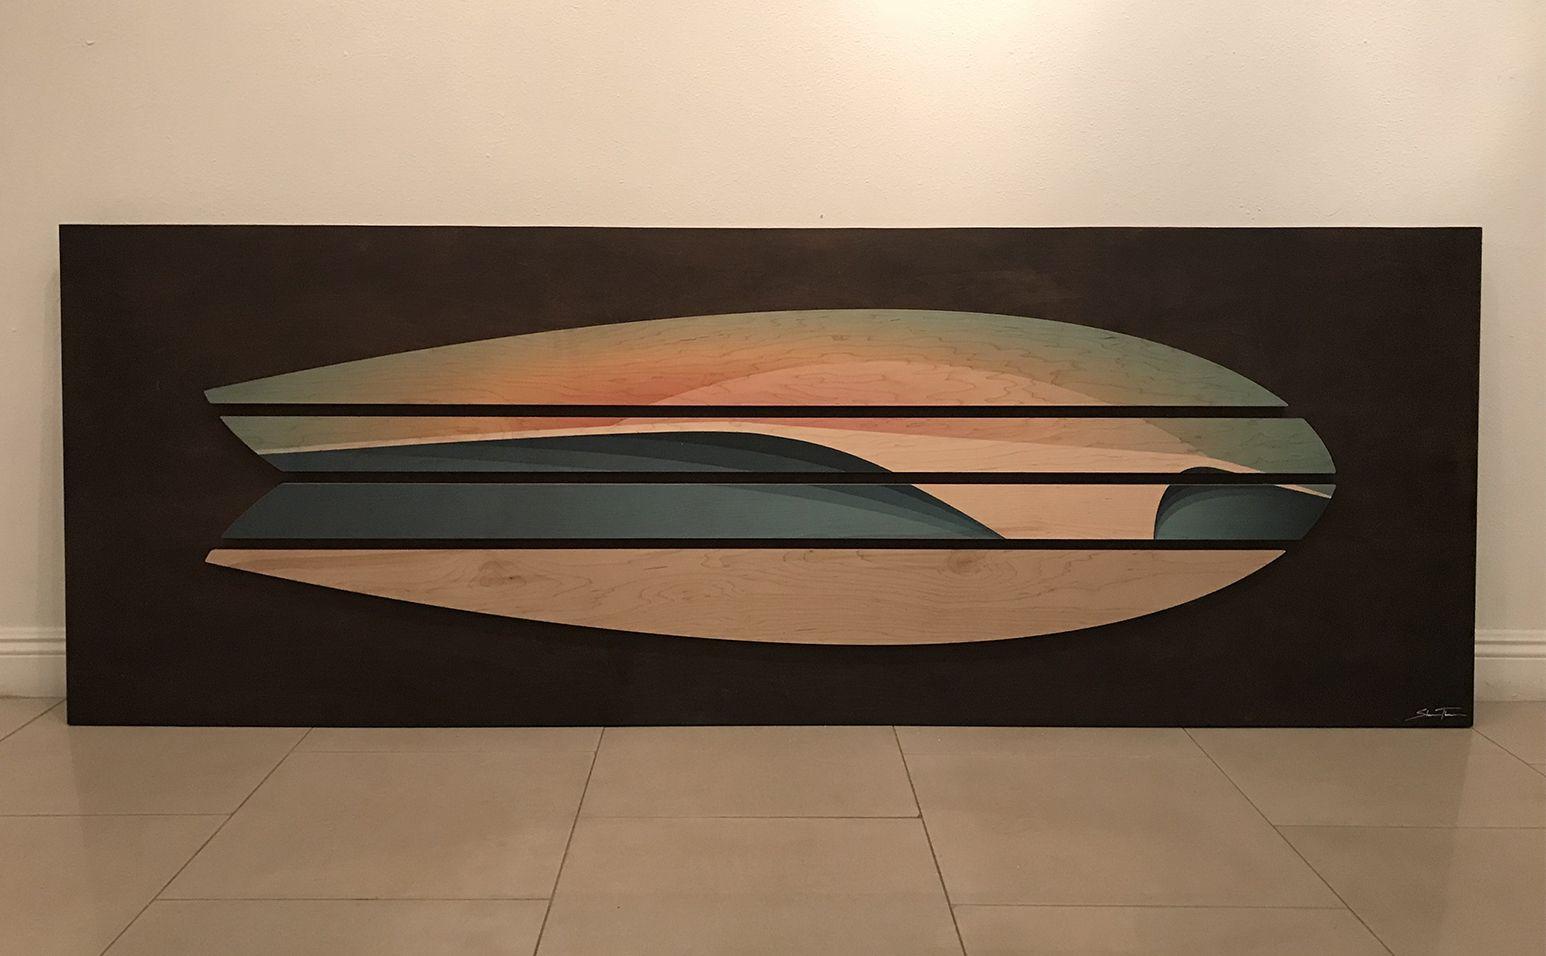 Surfboard Surfboard Art Surf Room Decor Wood Wall Sculpture